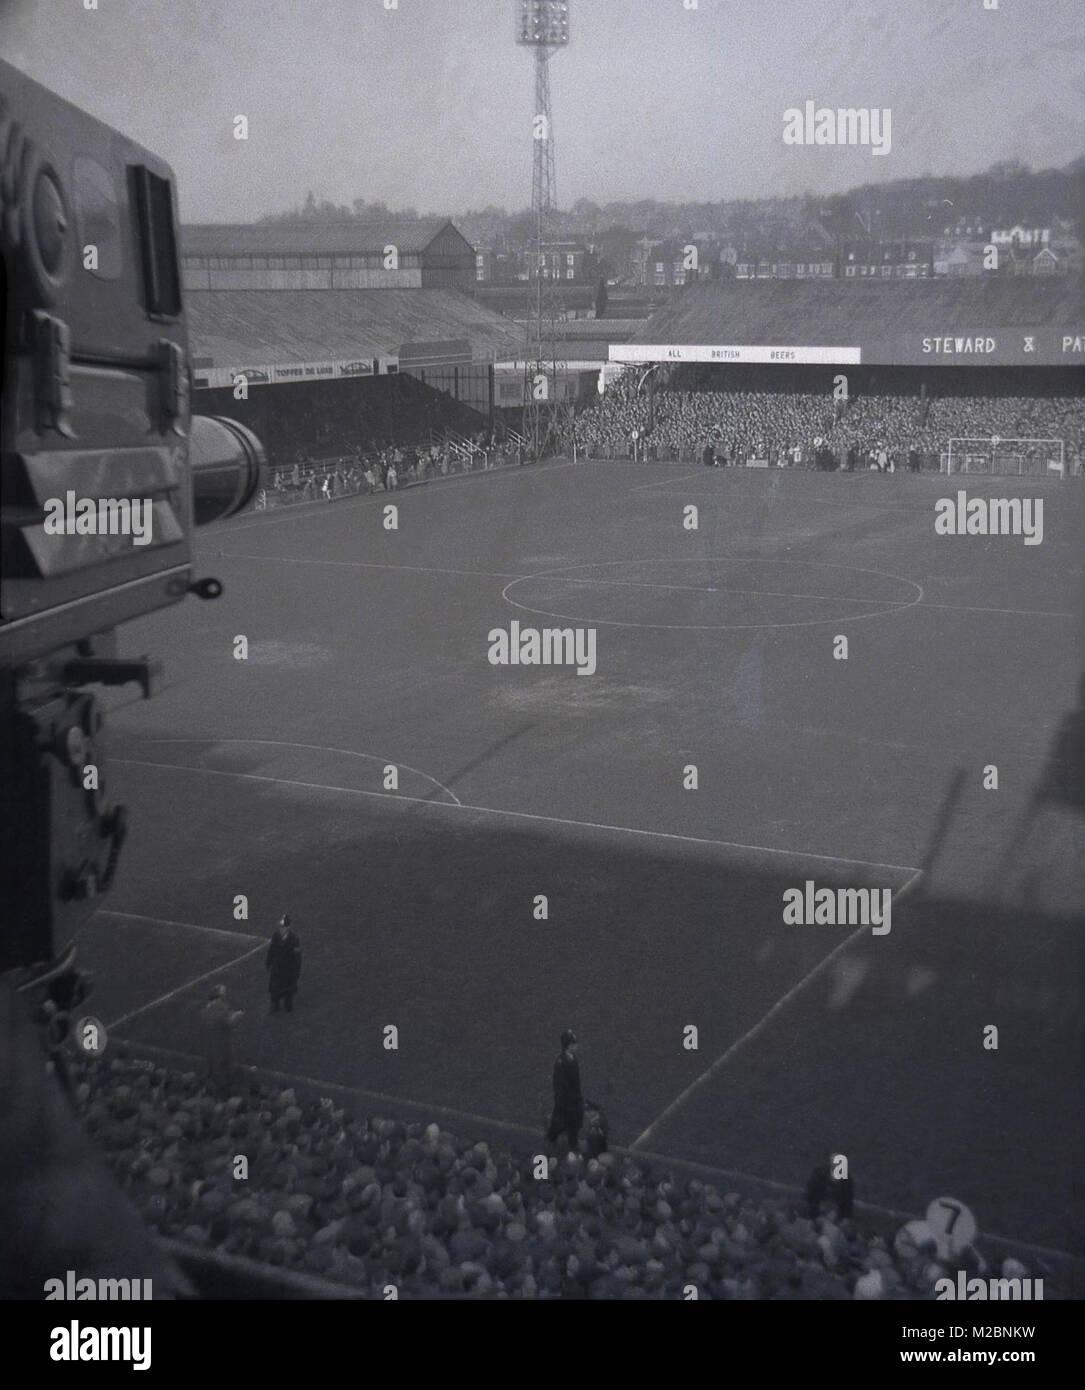 Années 1960, historiques, les frais généraux photo montrant le terrain de football de Norwich et stands des FC en ce moment, pris par la télévision bras donnant sur le stade et ses environs, Norwich, Angleterre, Royaume-Uni. Banque D'Images